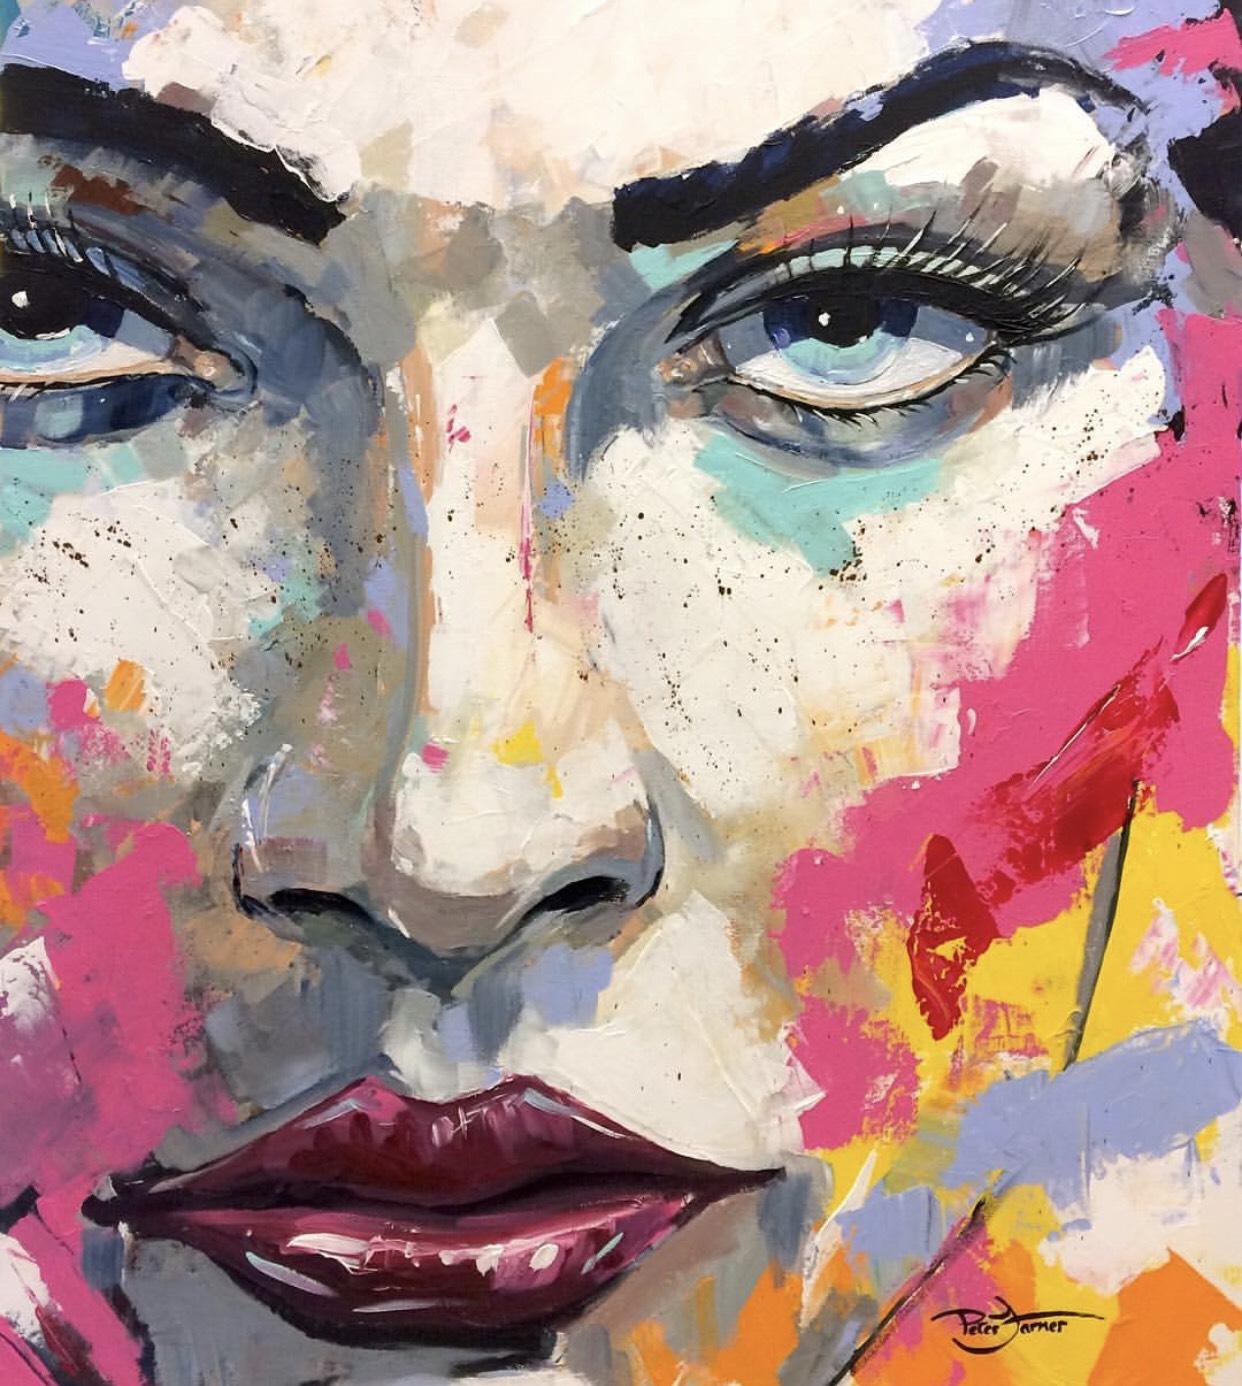 Cauley Ferarri - Painting - Peter Farmer